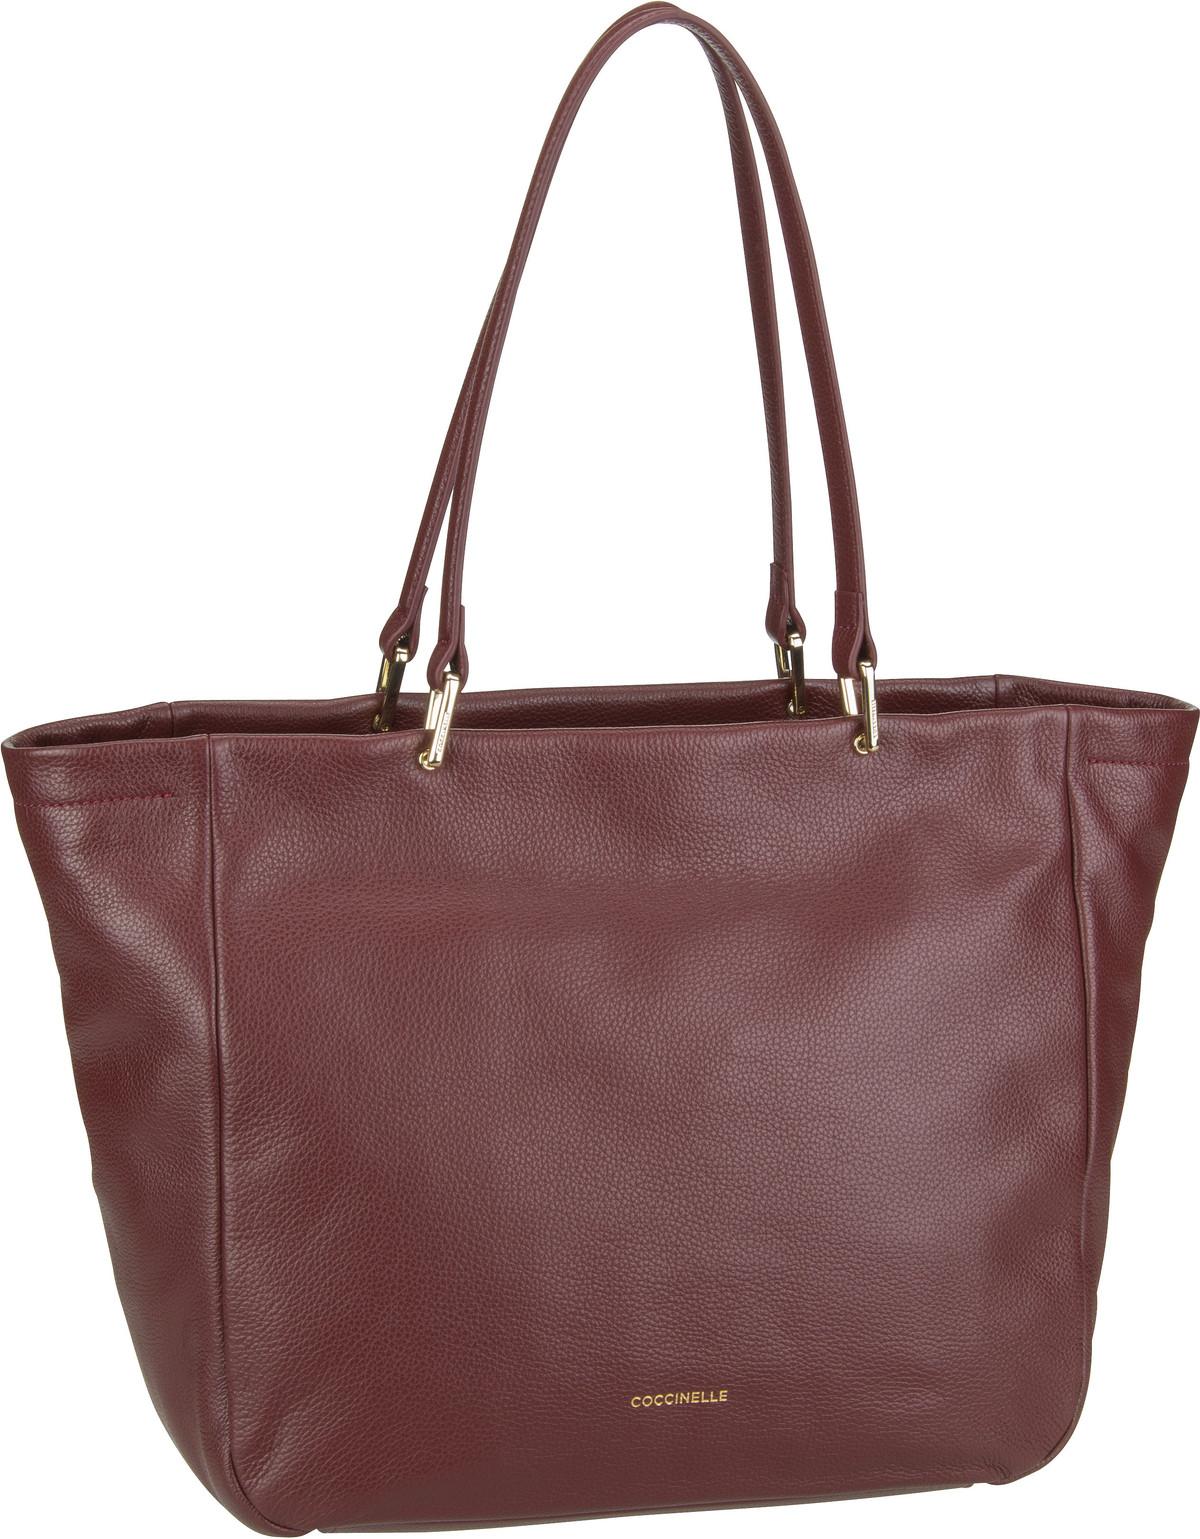 Handtasche Rendez-Vous 1102 Marsala